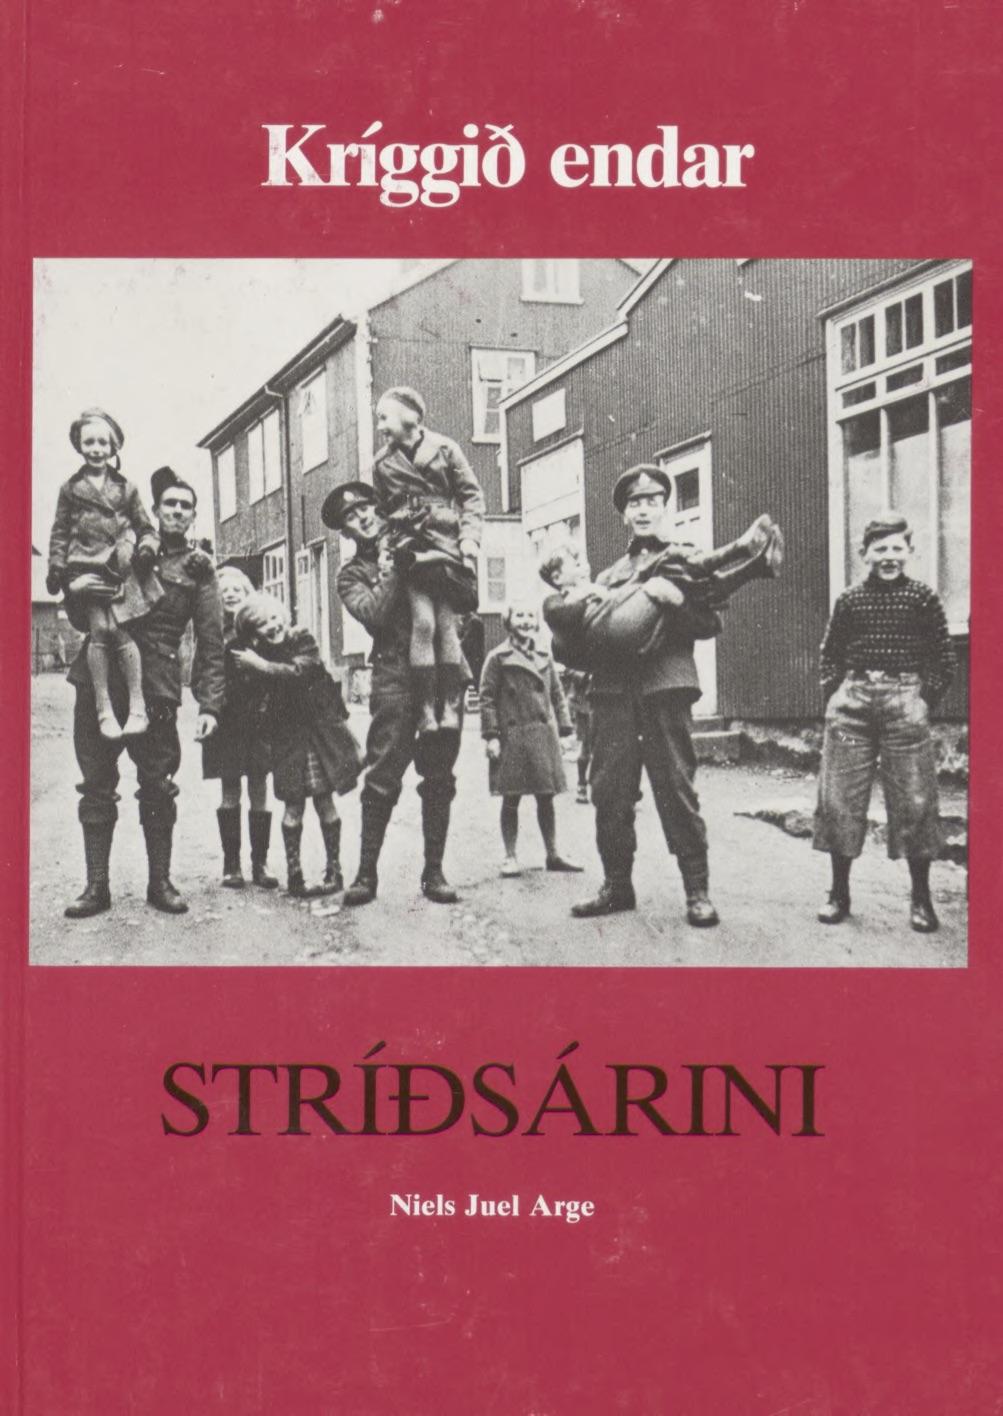 Stríðsárini 6 - Kríggið endar